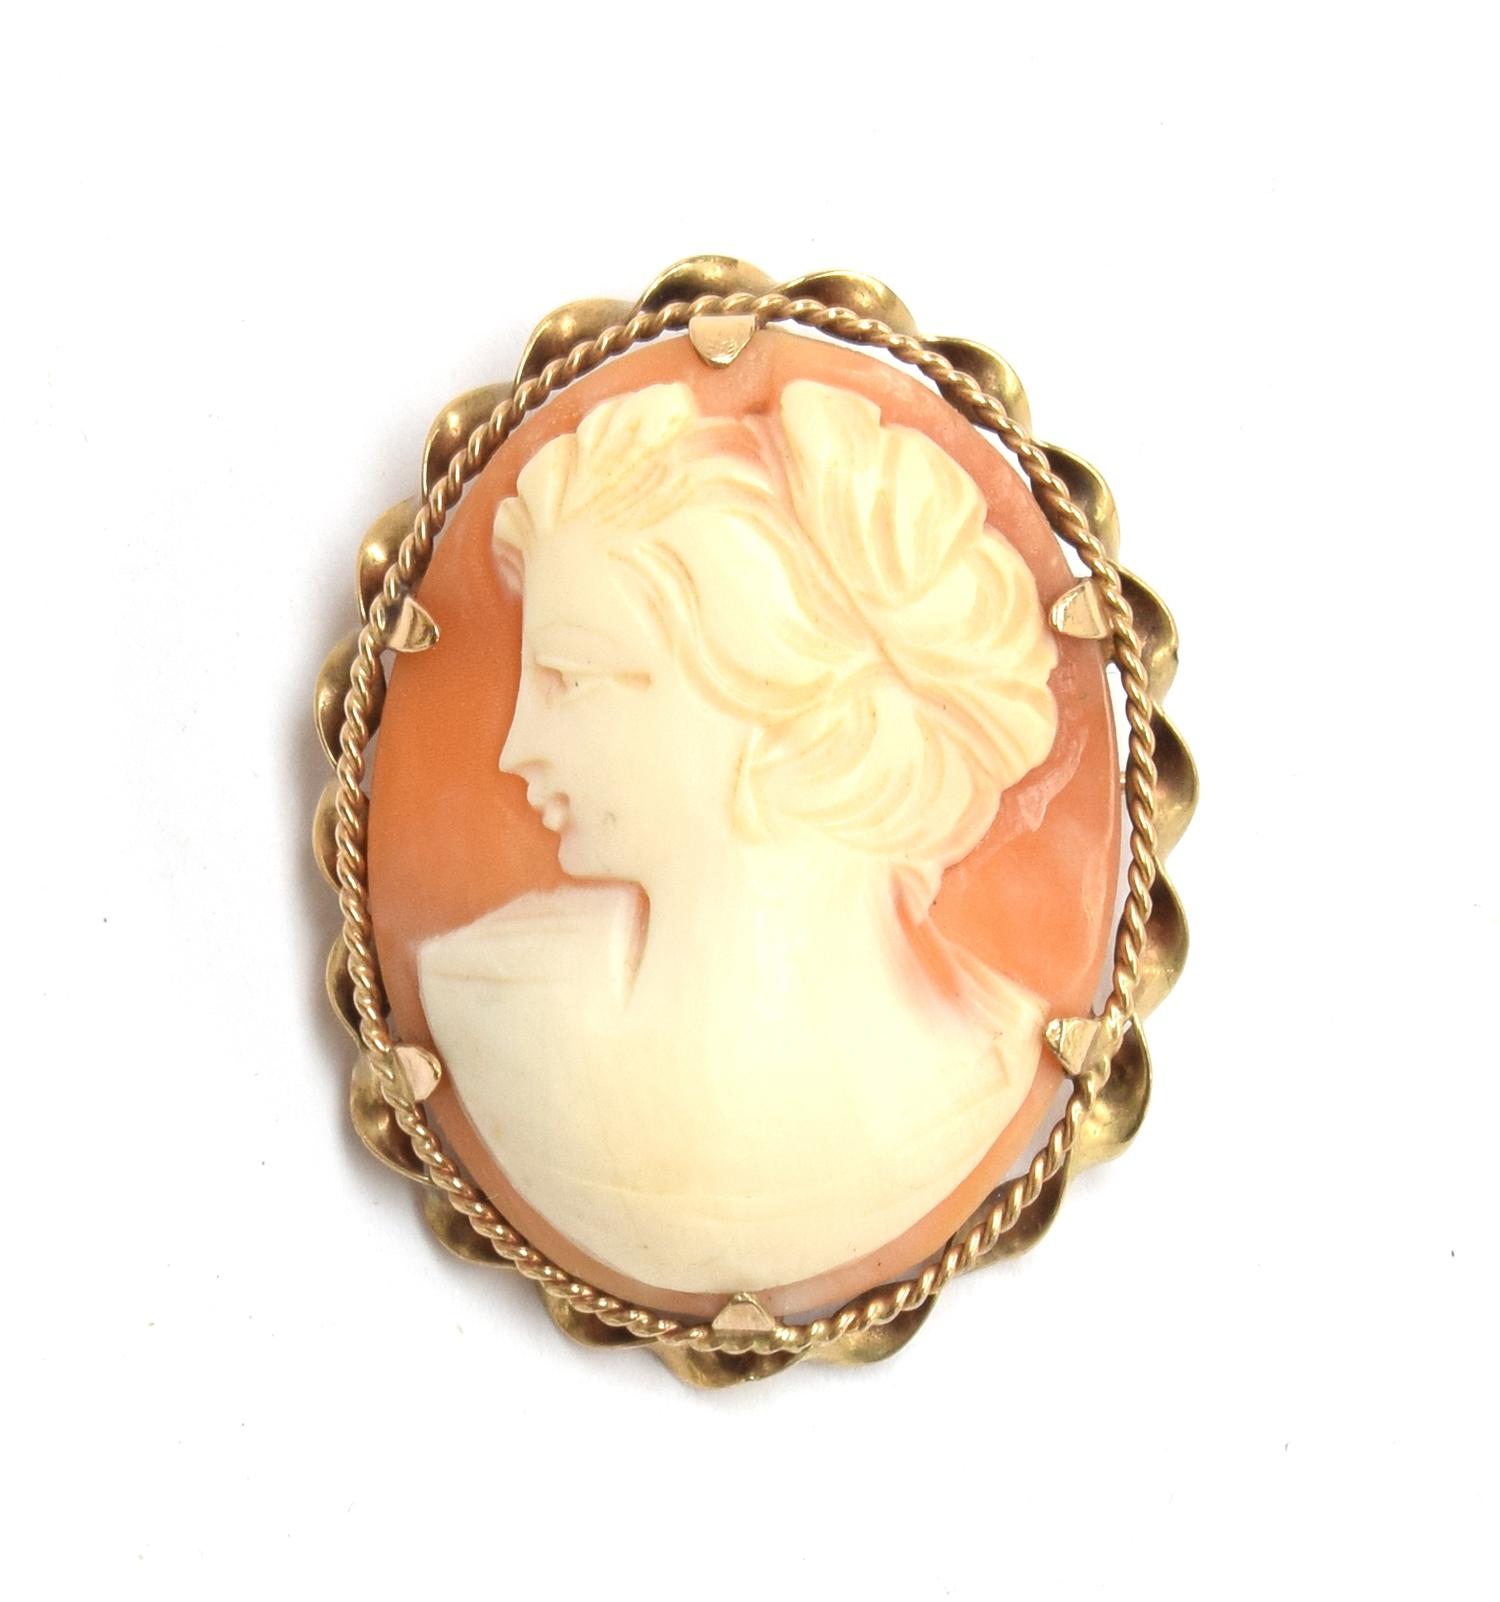 A 9ct gold cameo brooch, gross weight 8.7g